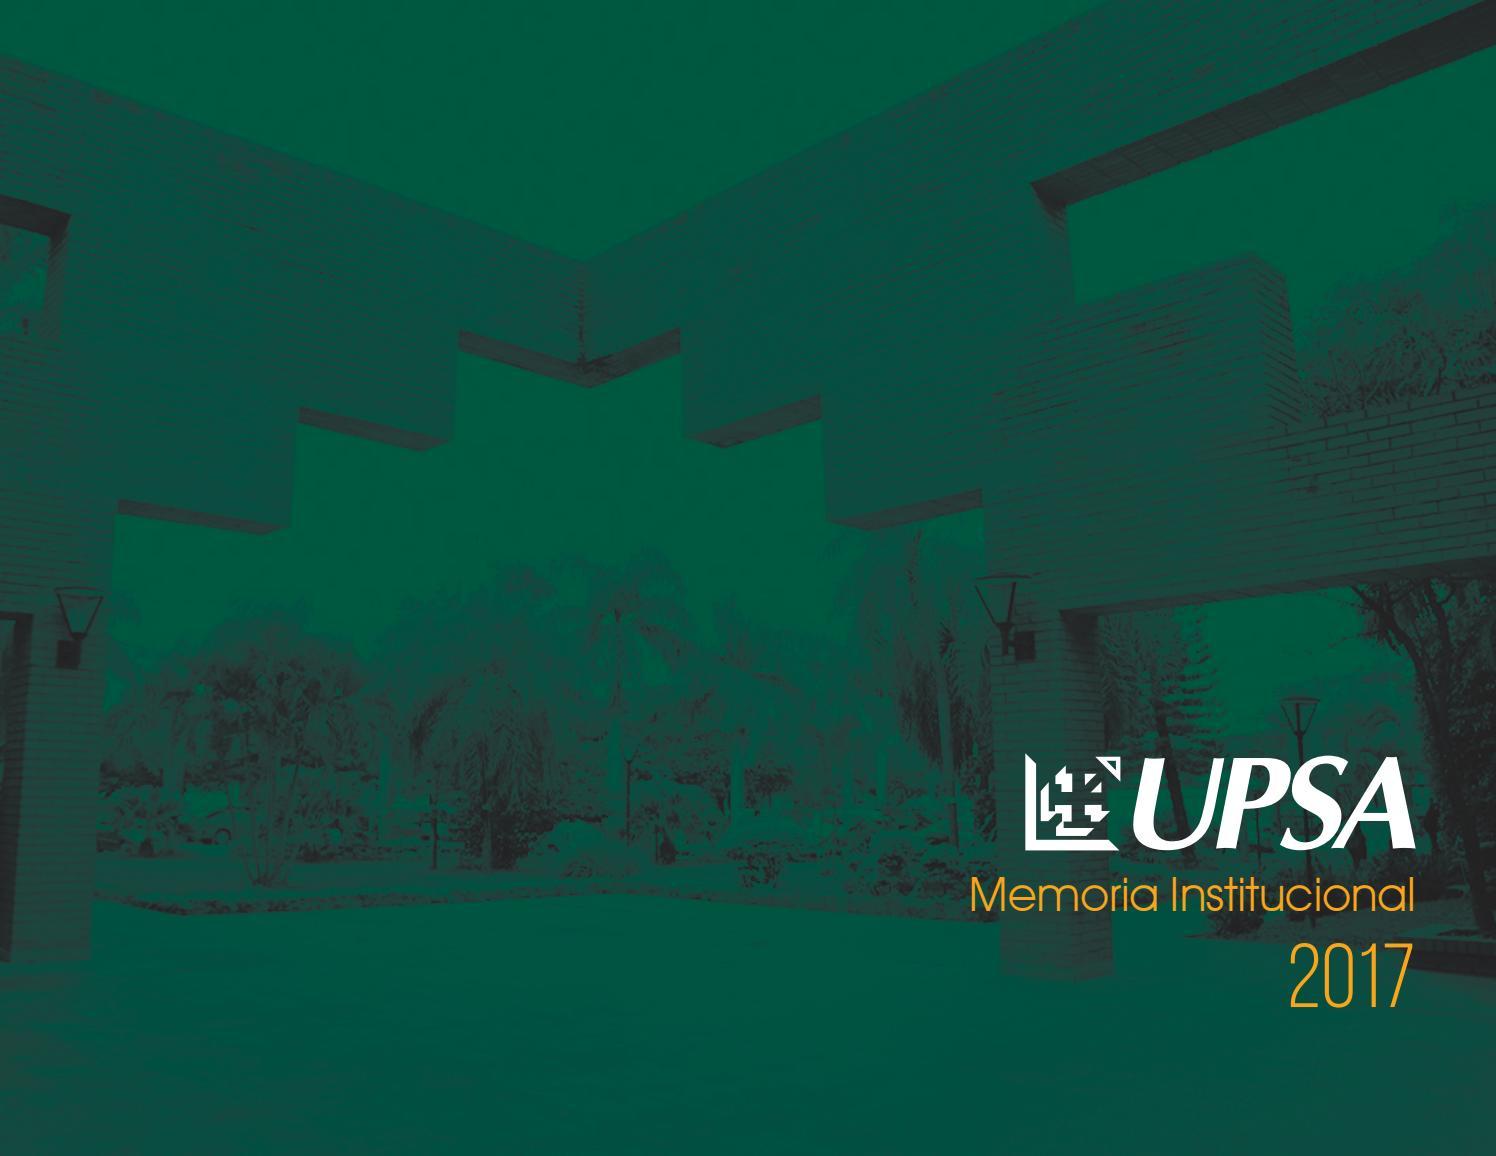 Memoria Institucional Upsa 2017 By Upsa Santa Cruz Bolivia